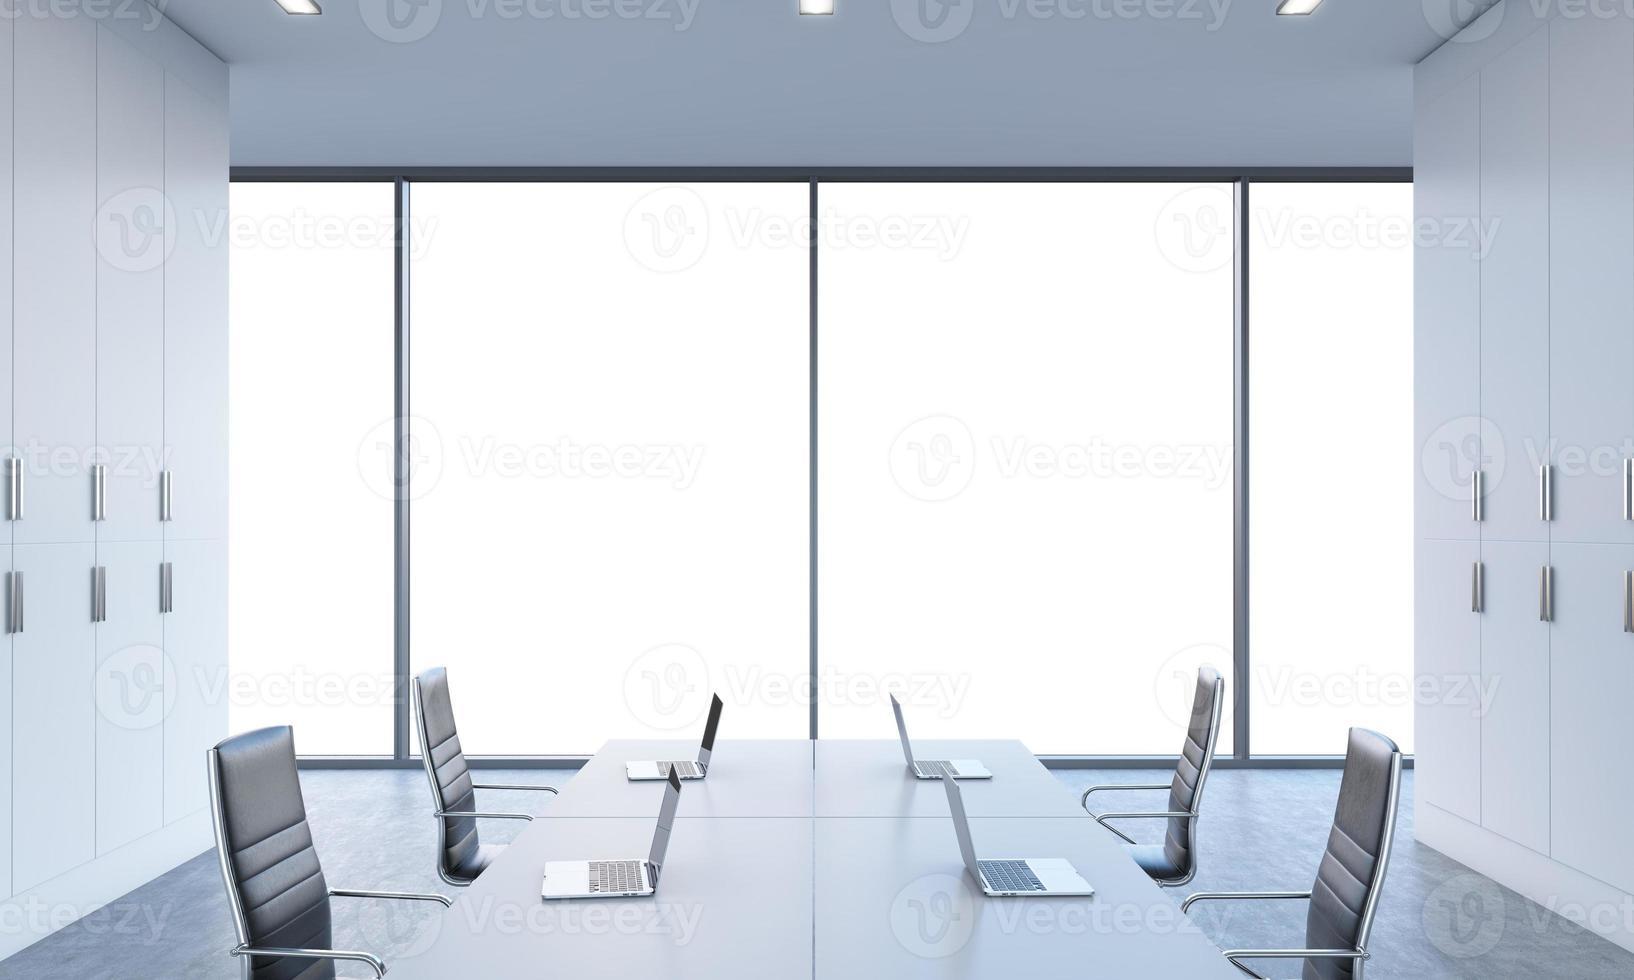 werkplekken of conferentieruimte foto